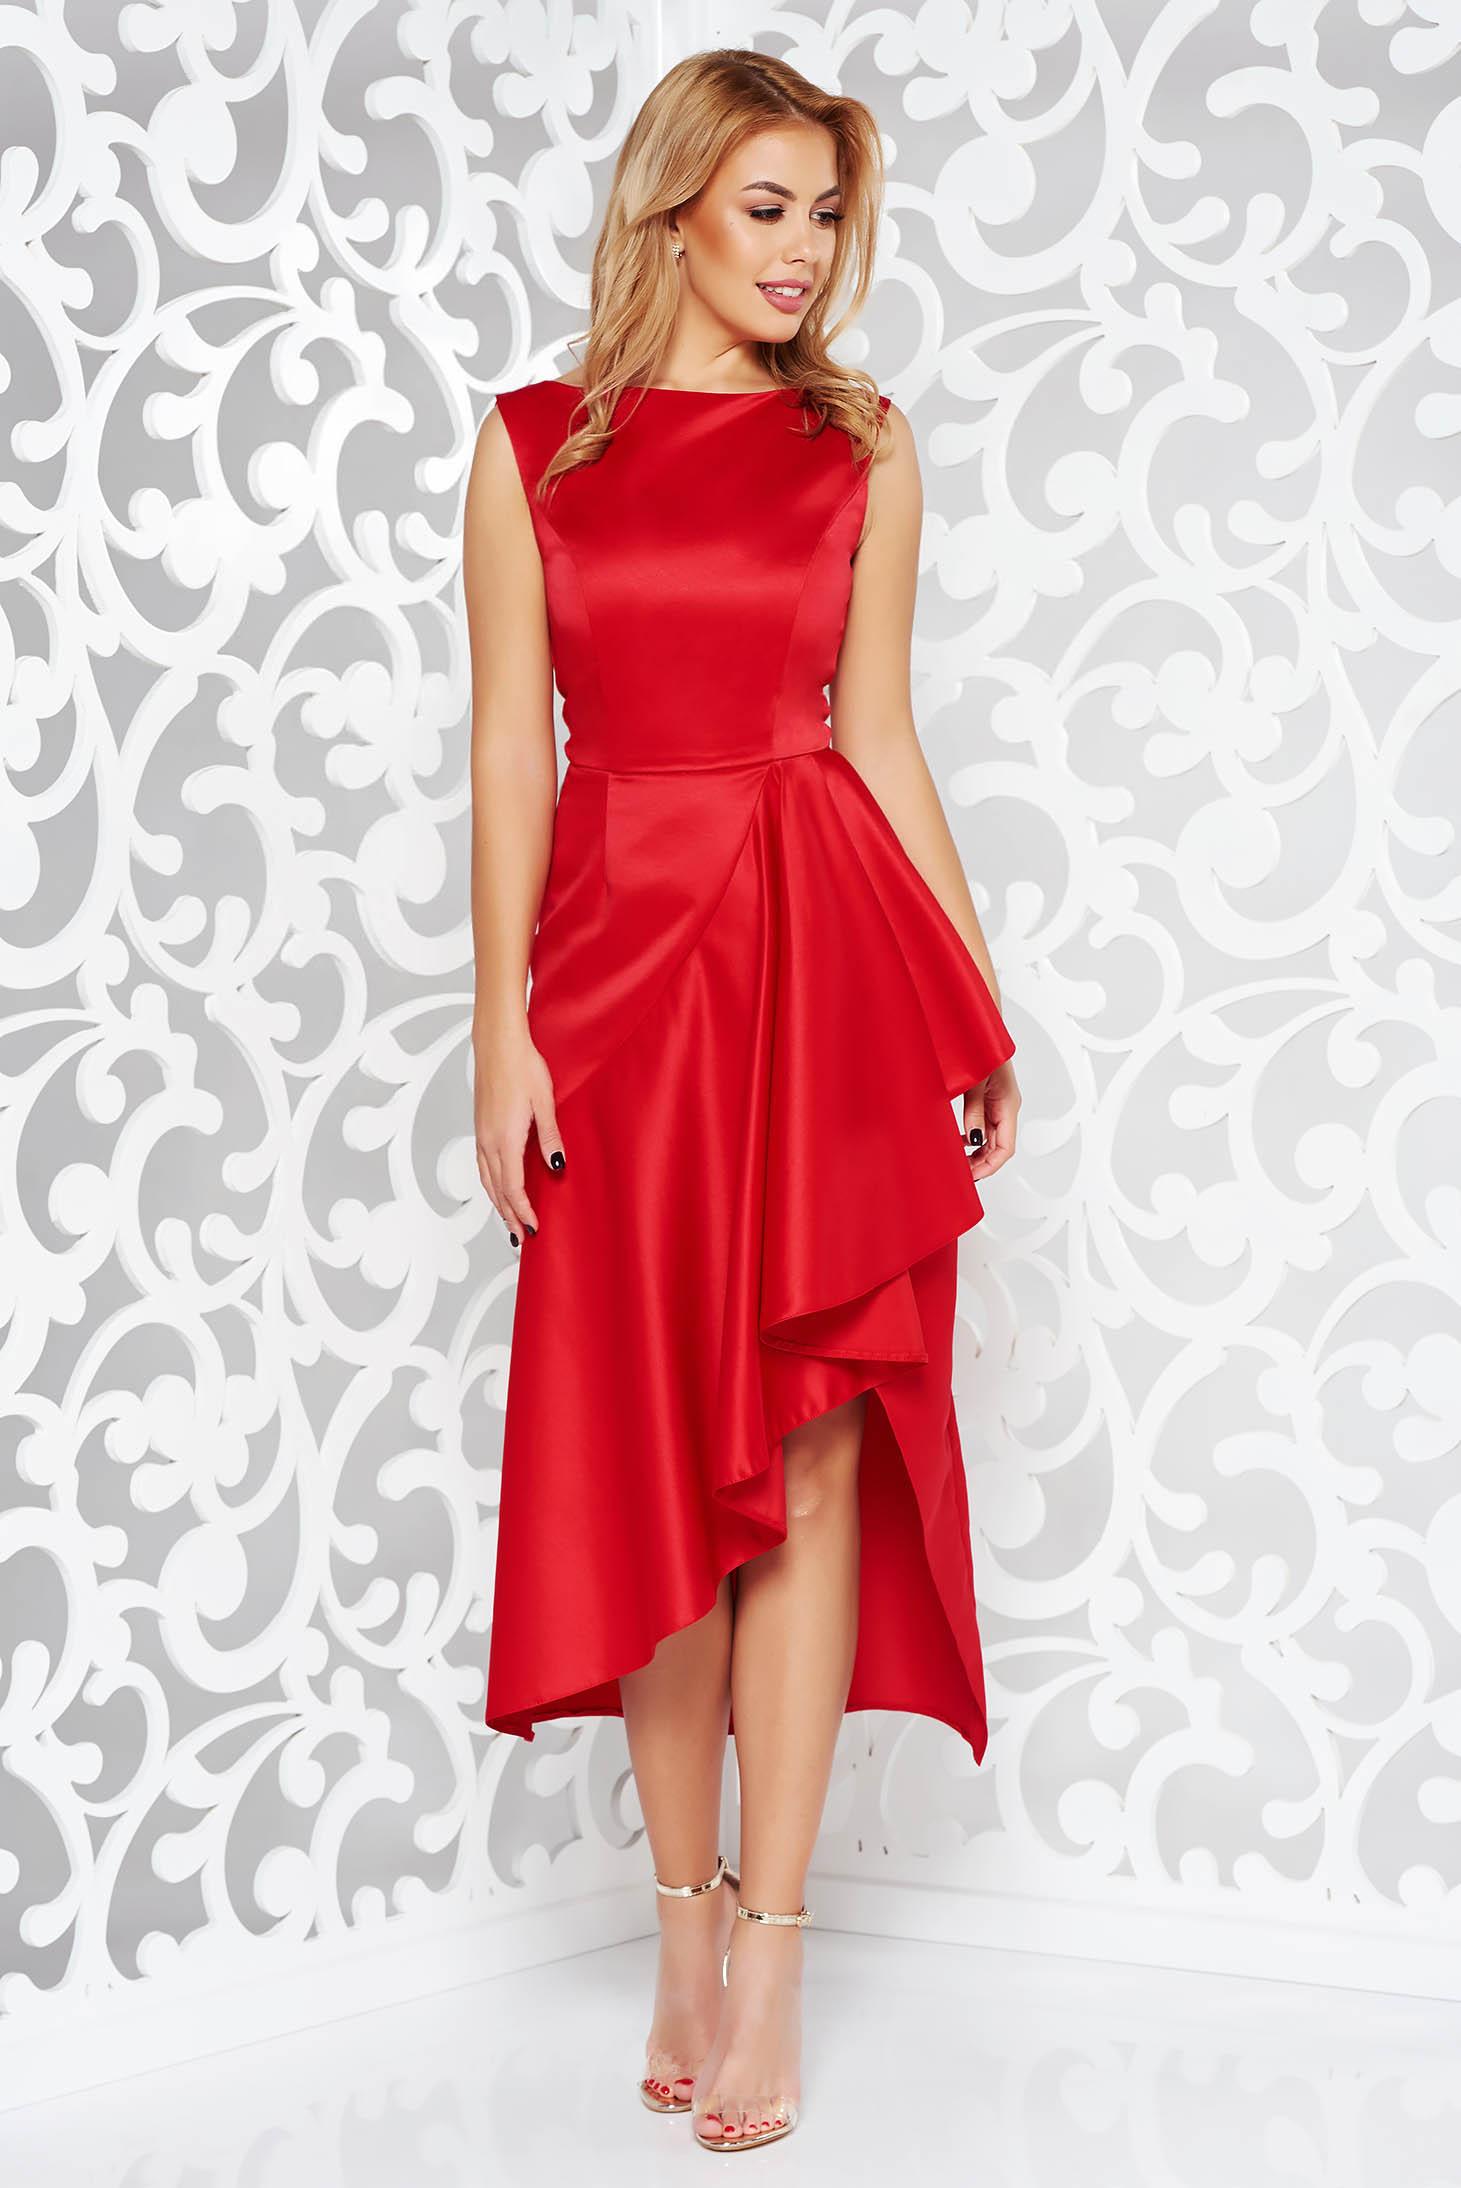 5aa8cfc8c6 Piros alkalmi ujj nélküli aszimetrikus ruha szatén anyagból fodros